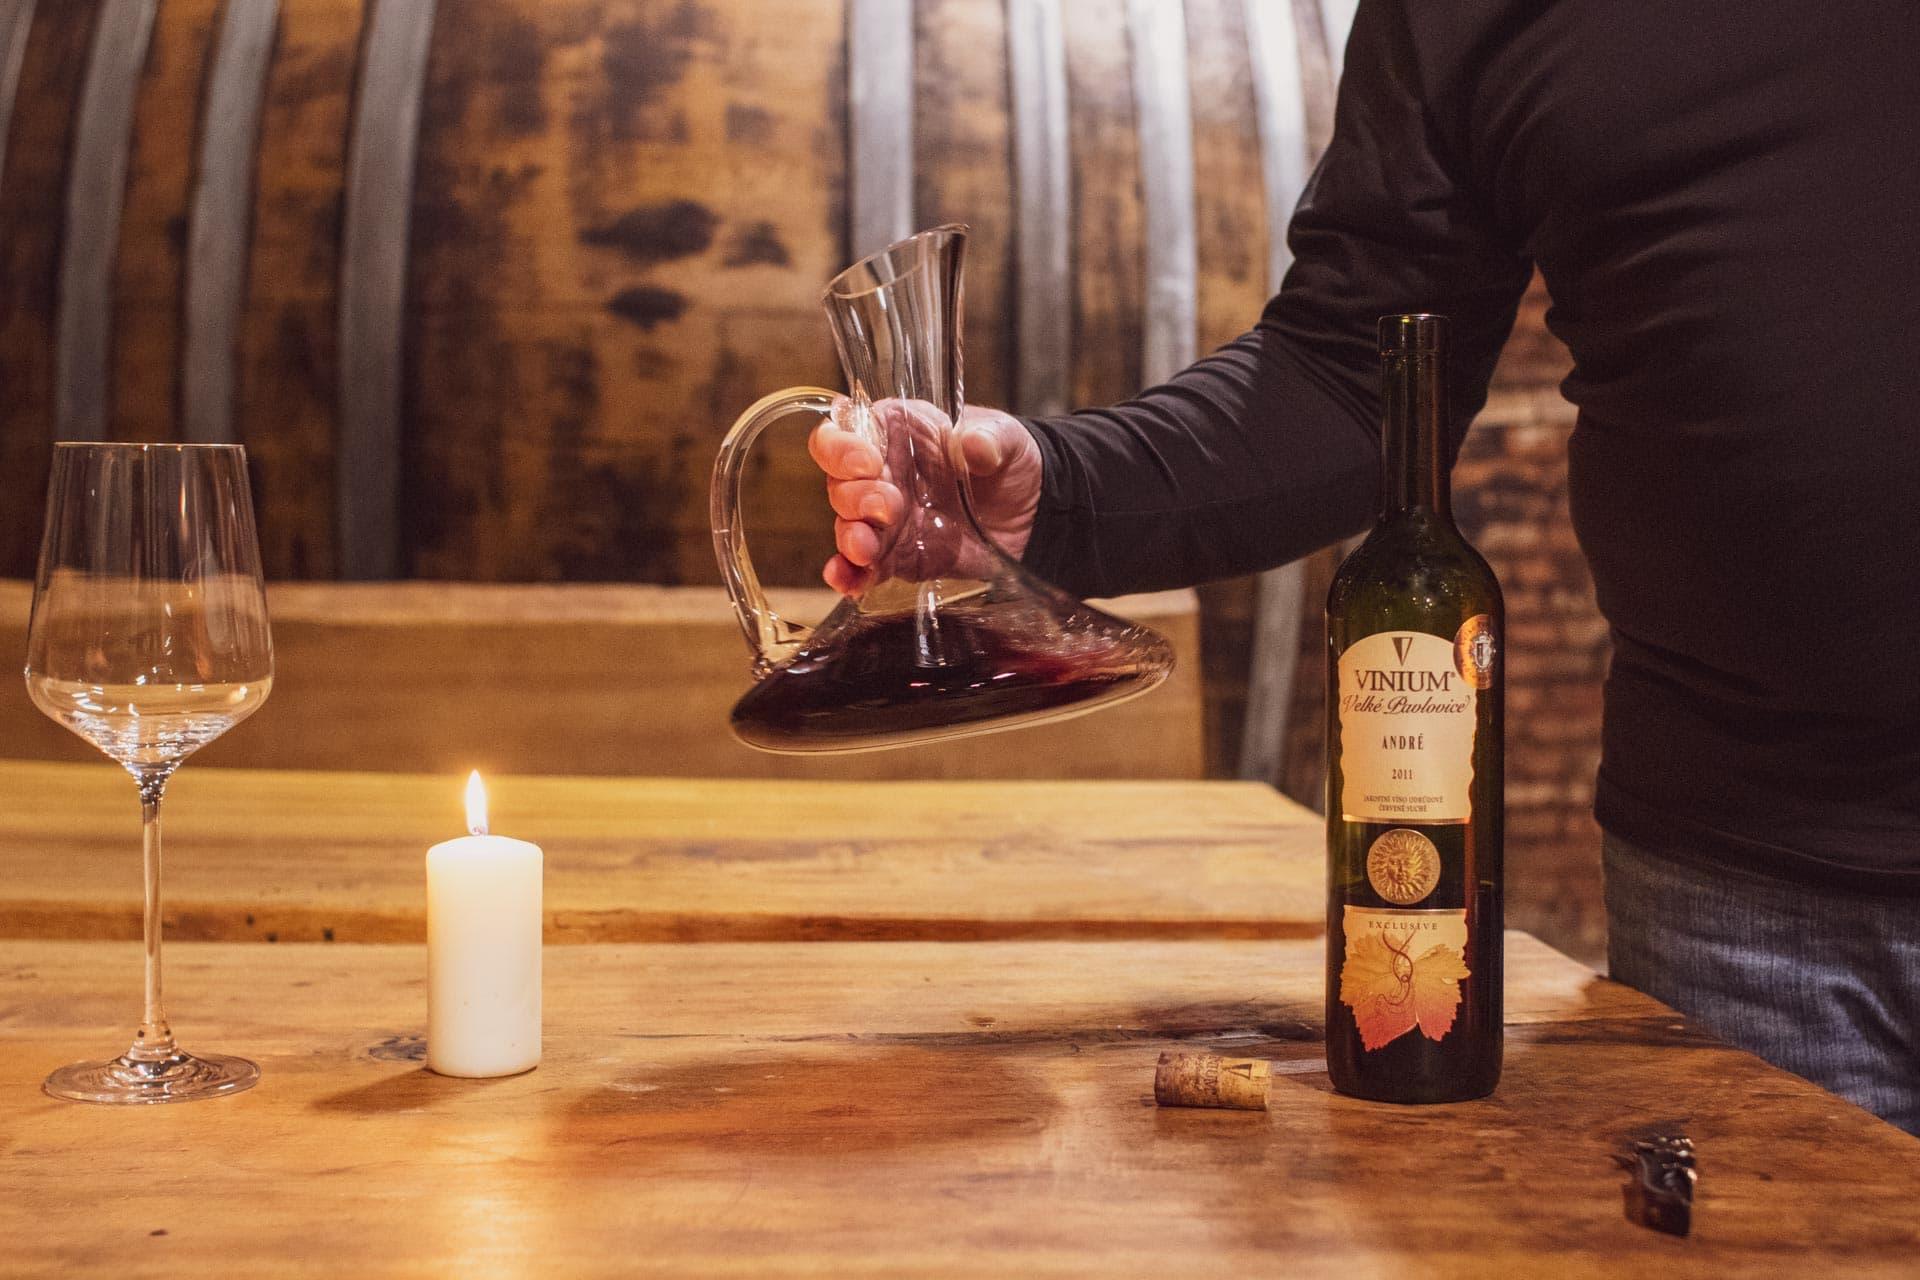 Foto ke článku 4, dekantace vína, jak dekantovat víno, víno, VINIUM